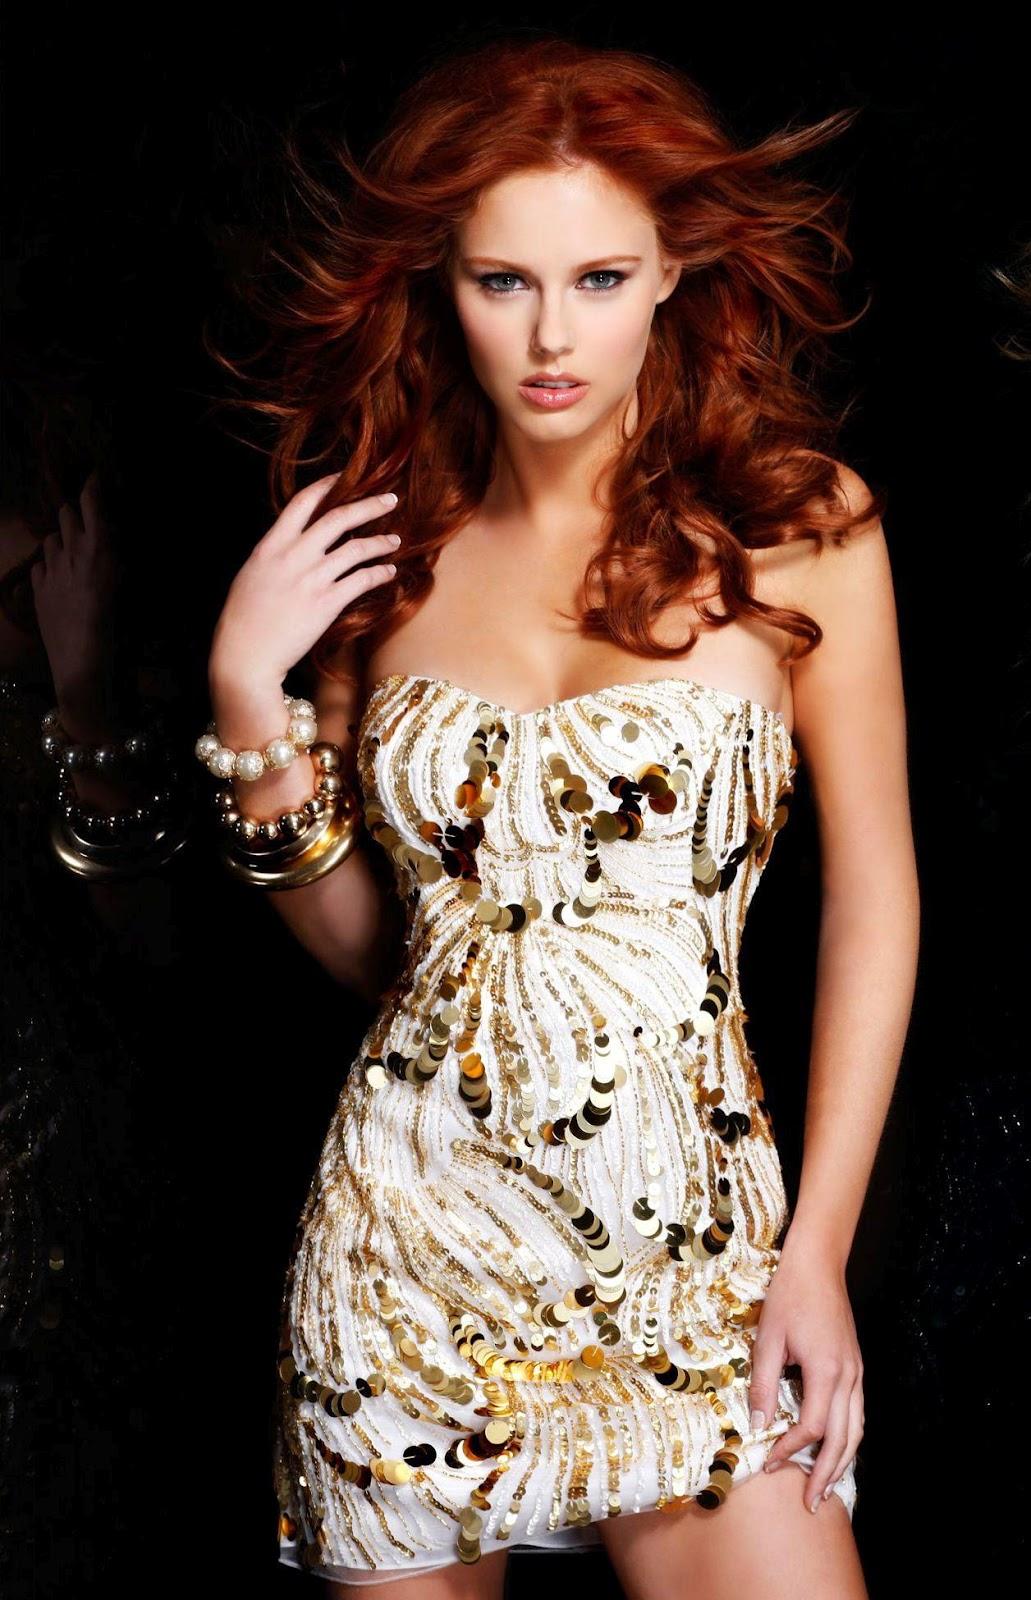 Alyssa campanella lingerie share